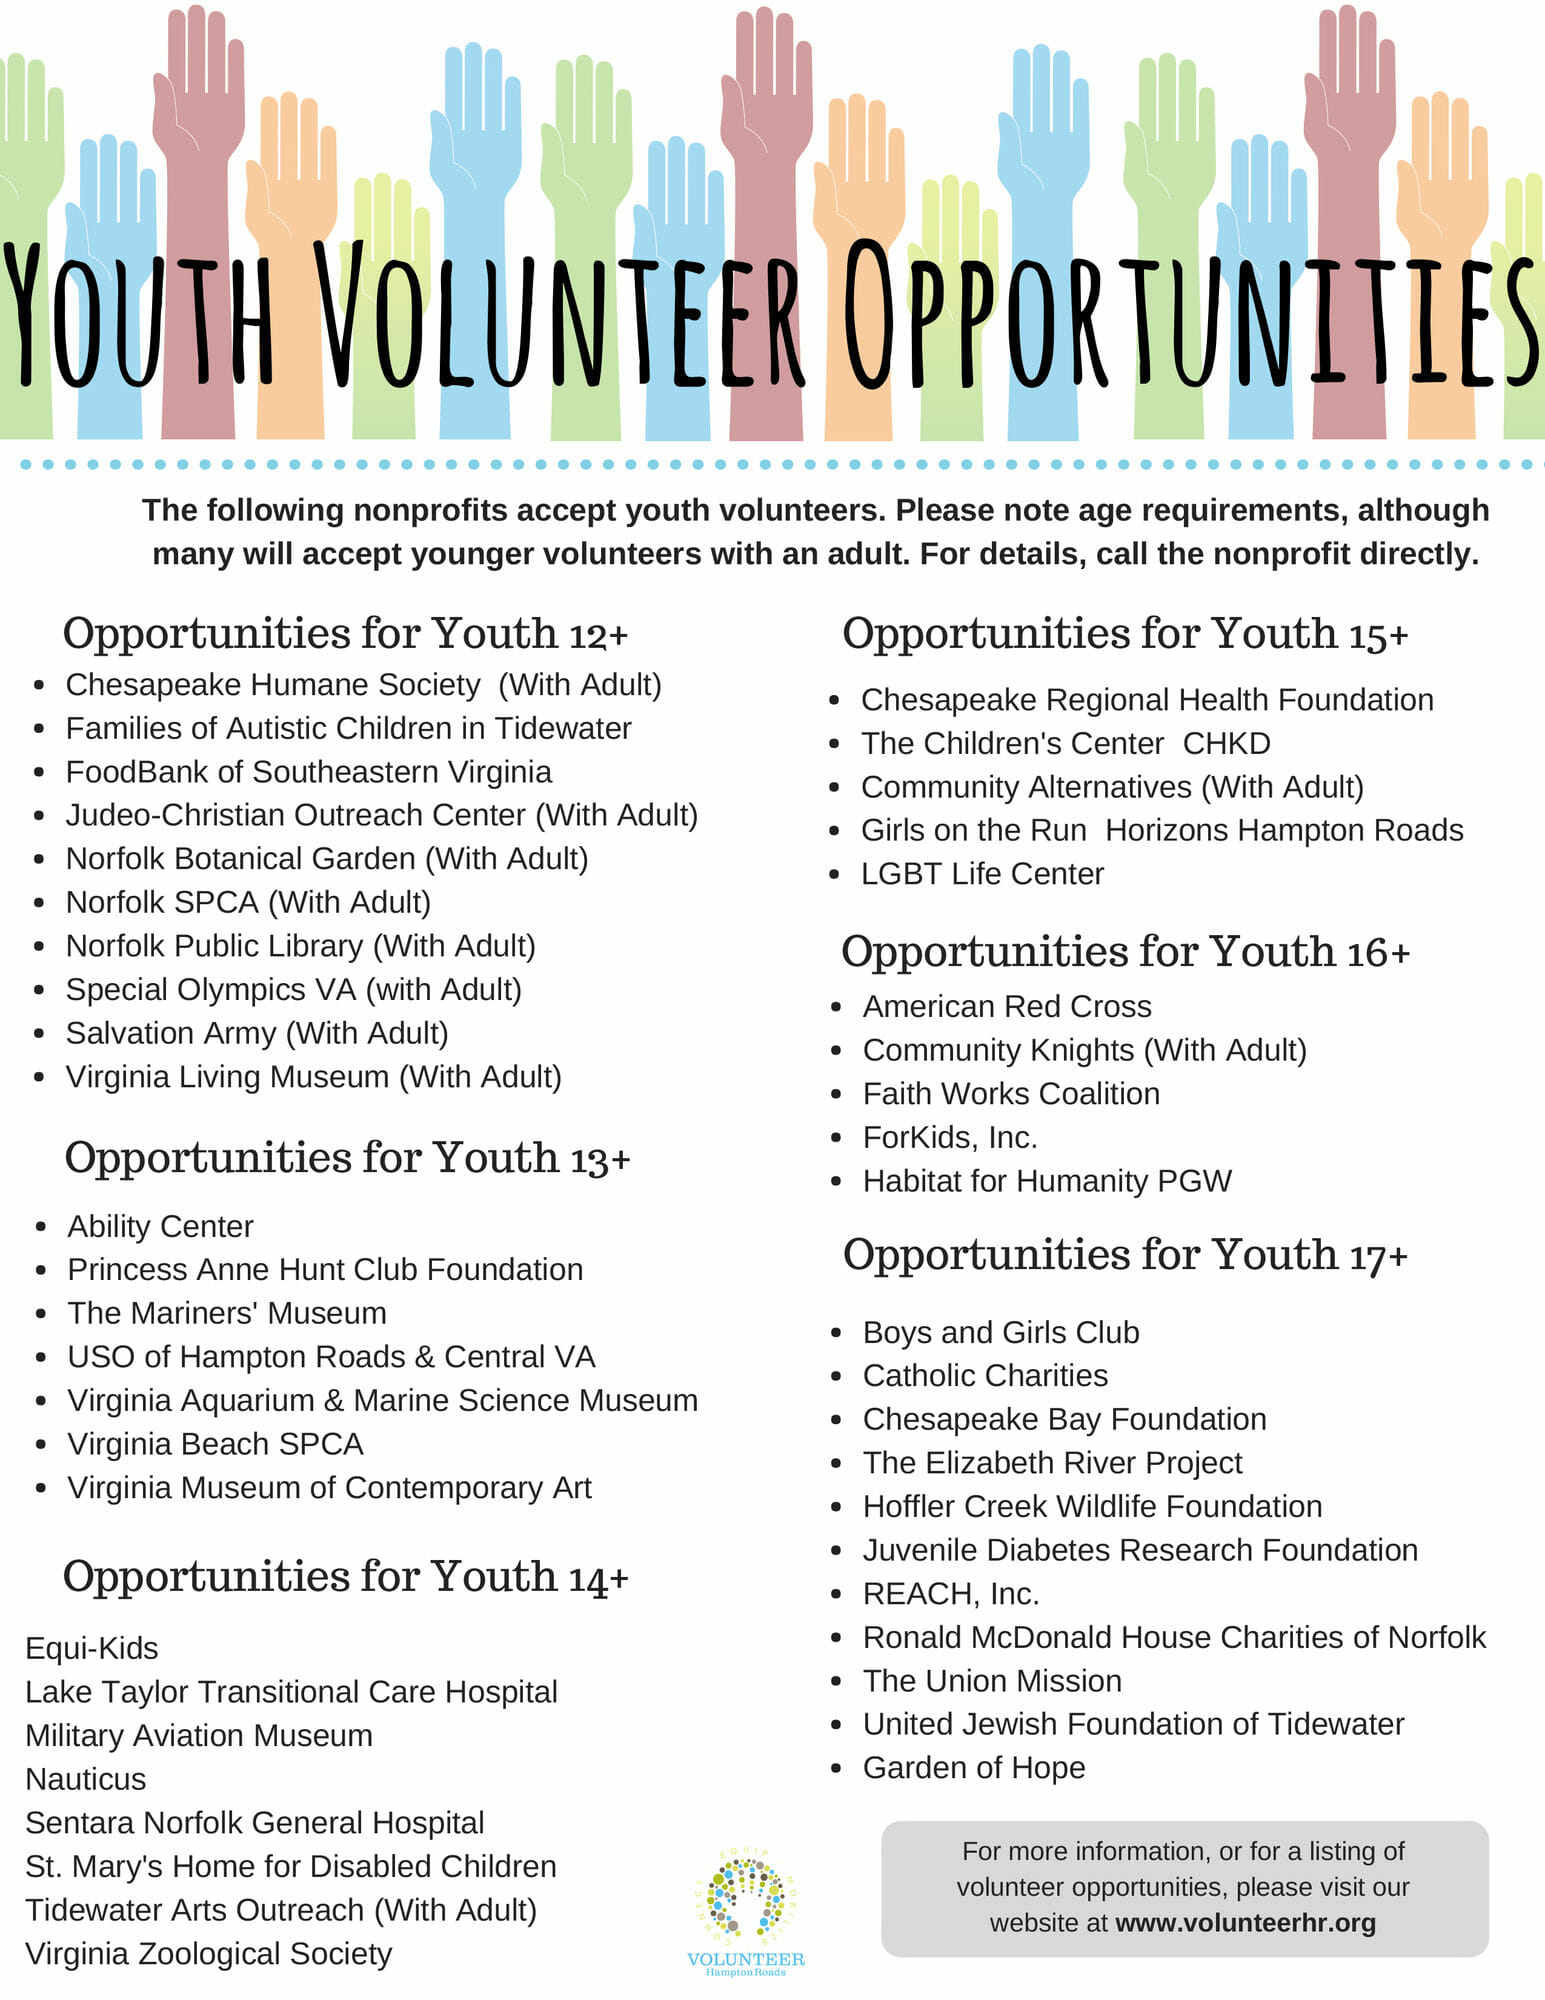 Youth Volunteer Opportunities 2018